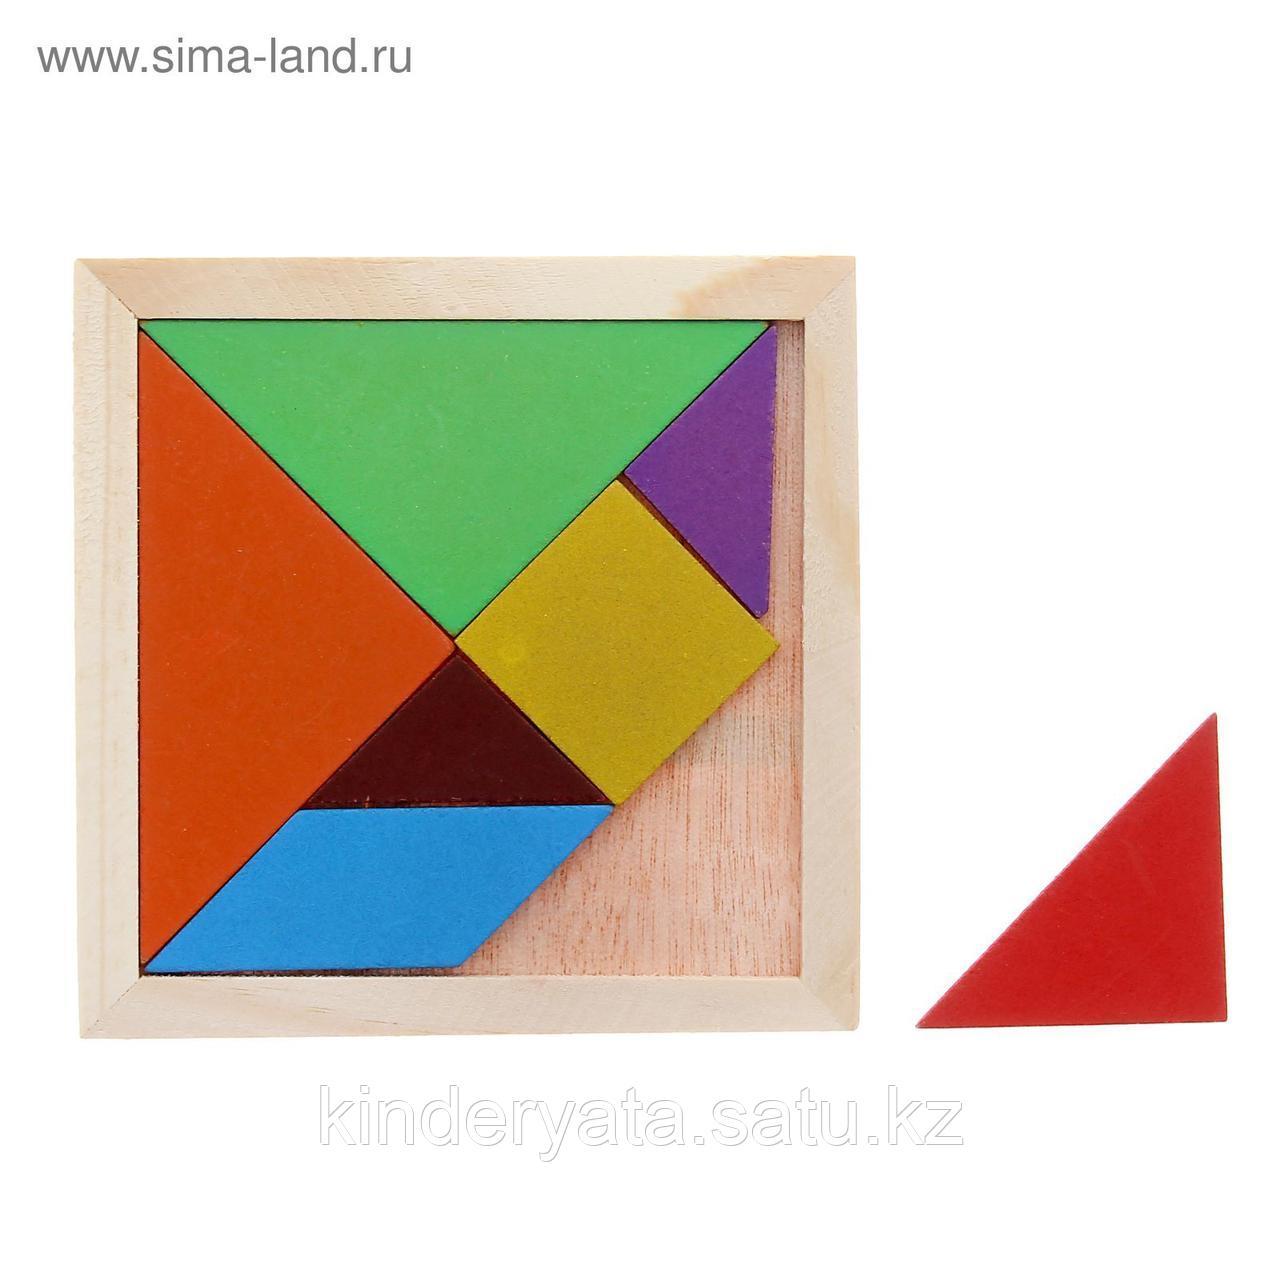 Головоломка «Танграм» квадратная, фигуры 7 деталей, 7 цветов